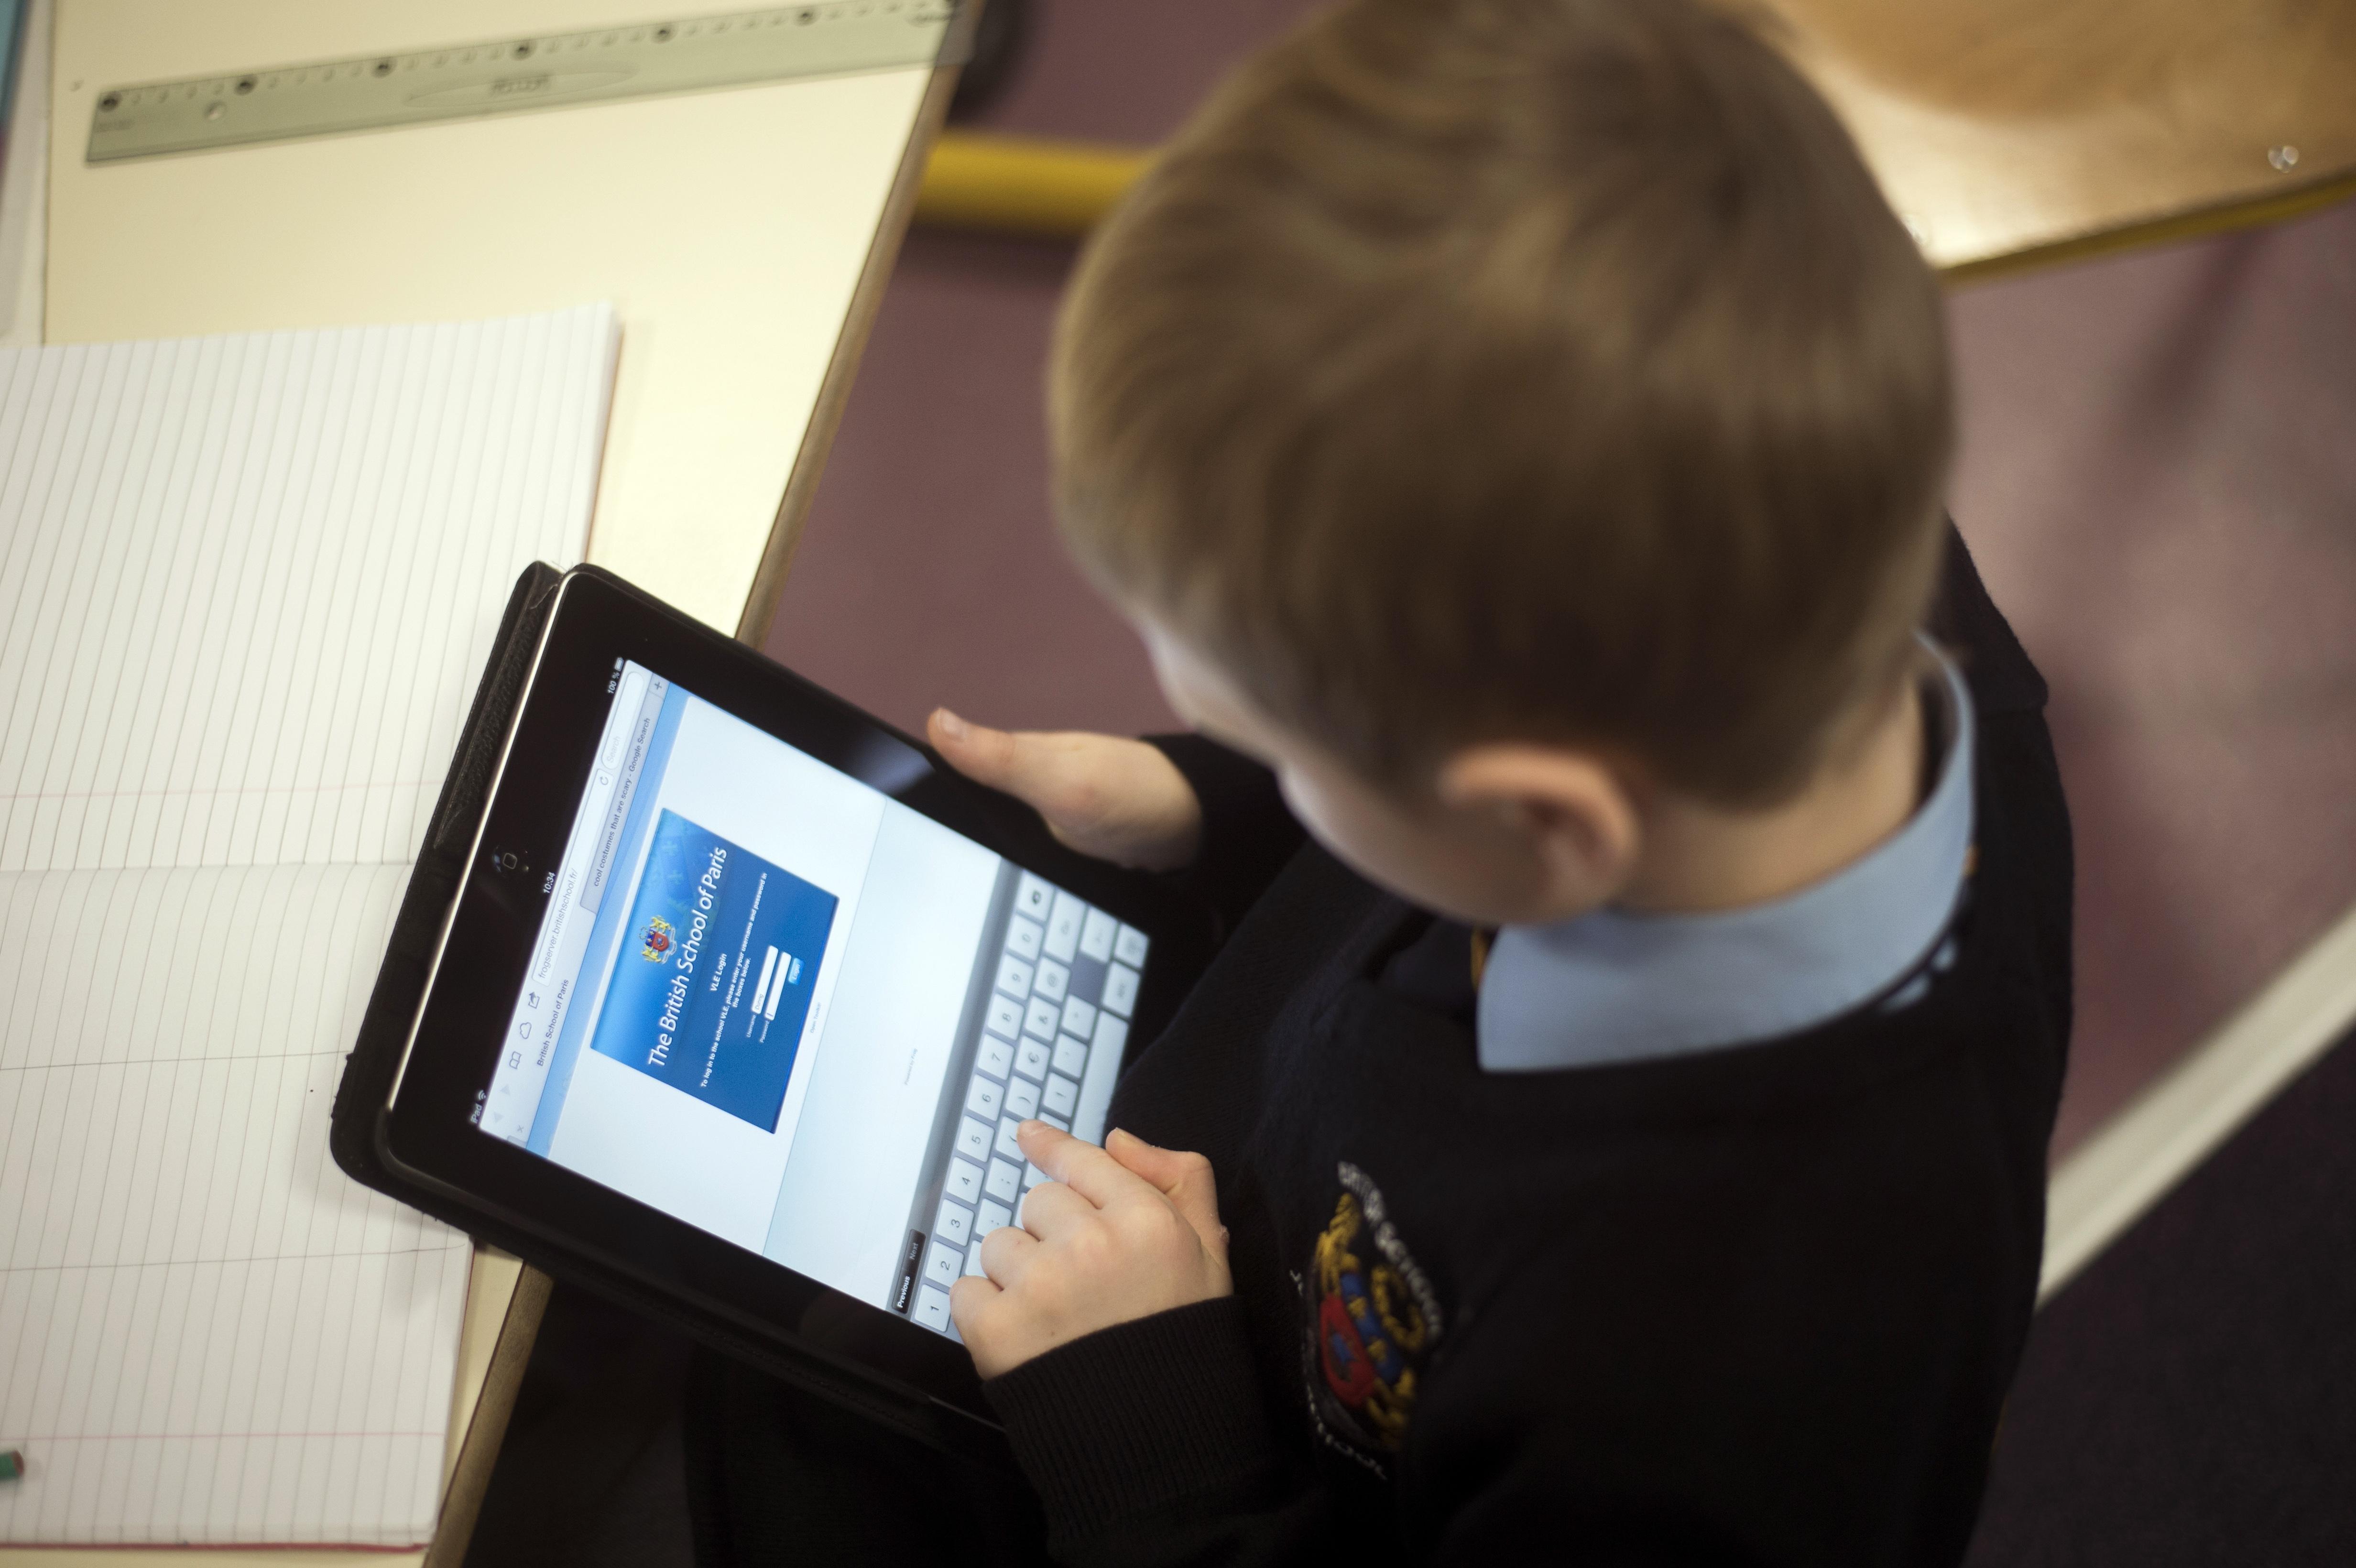 طفل يستخدم جهاز آيباد اللوحي